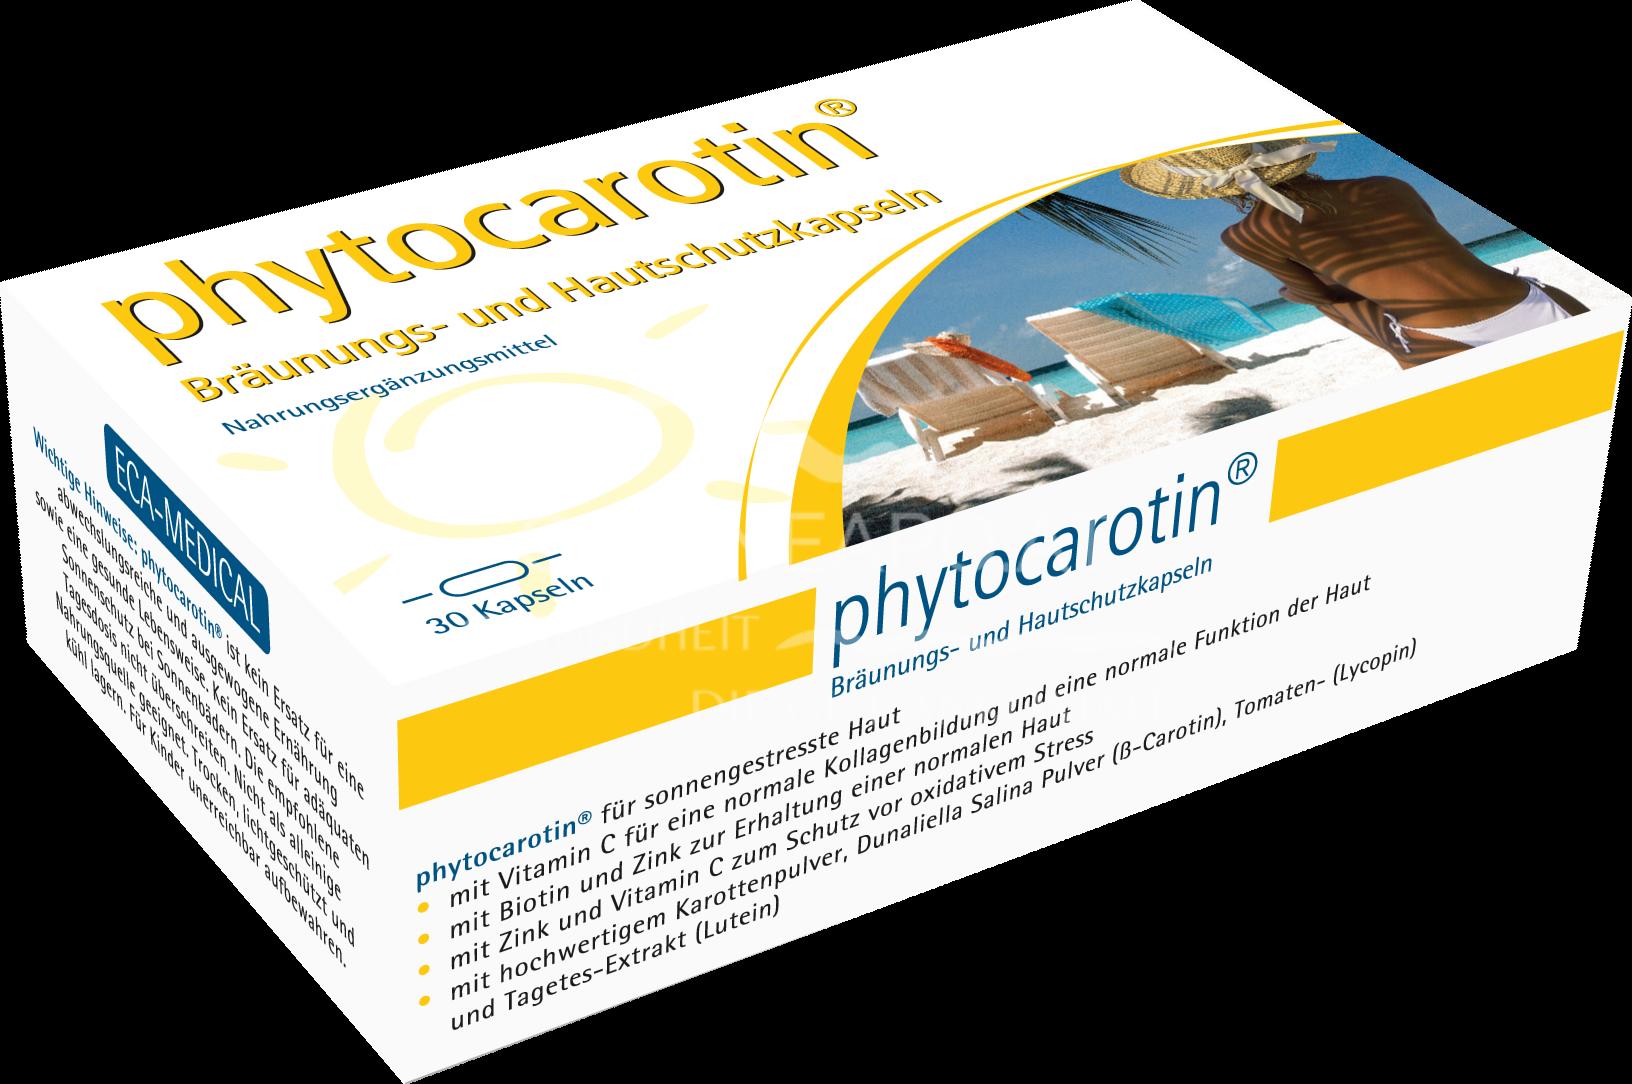 Phytocarotin Kapseln Bräunung und Hautschutz